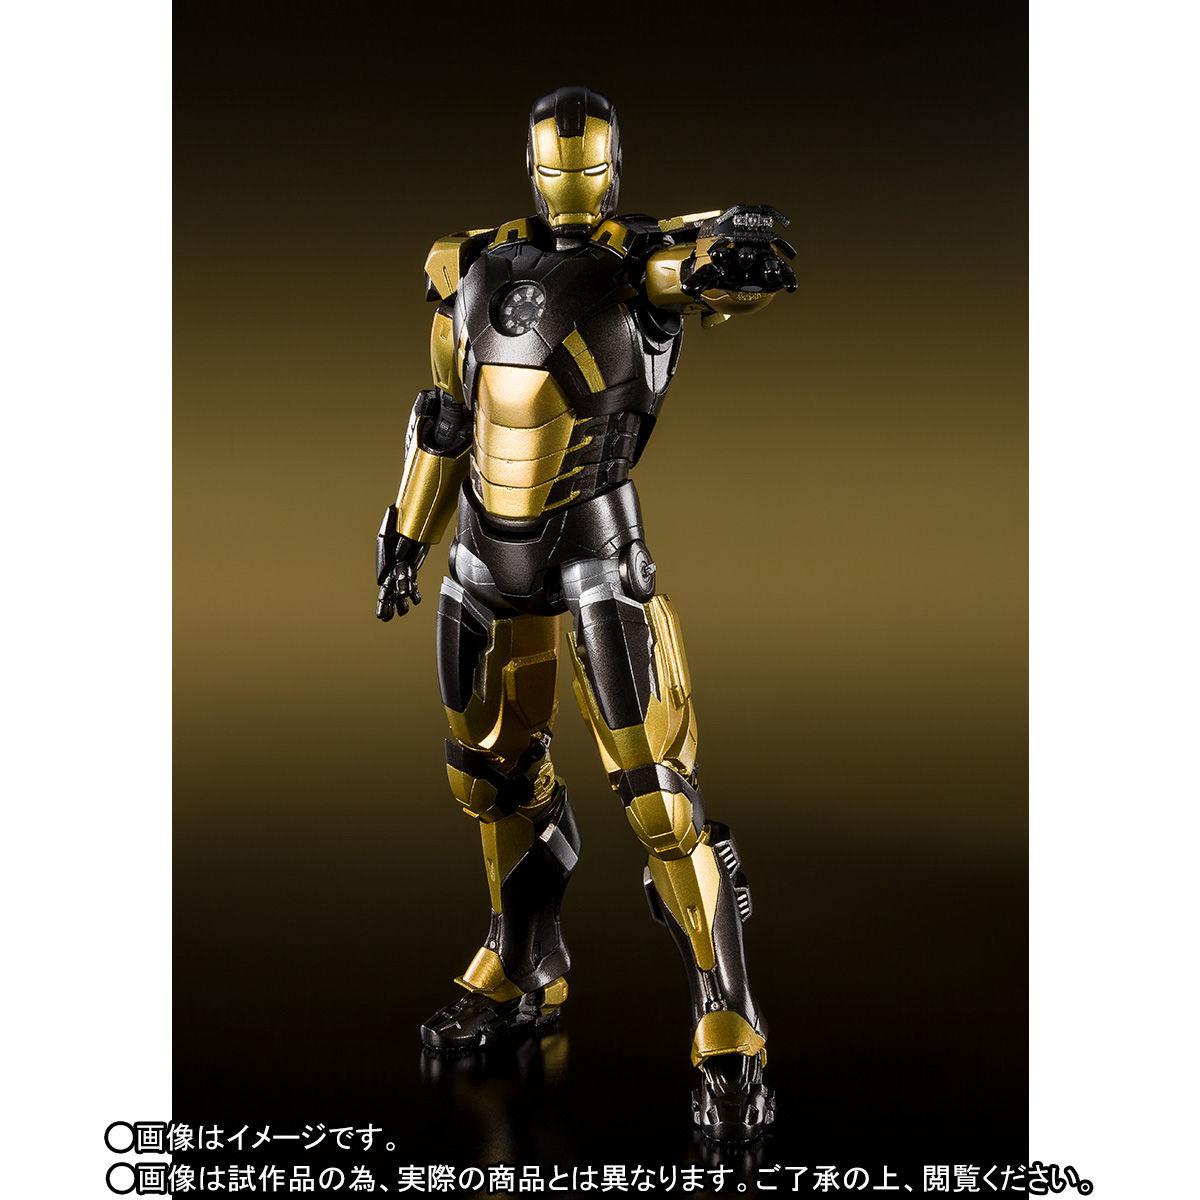 S.H.フィギュアーツ『アイアンマン マーク20 パイソン』アイアンマン3 可動フィギュア-003